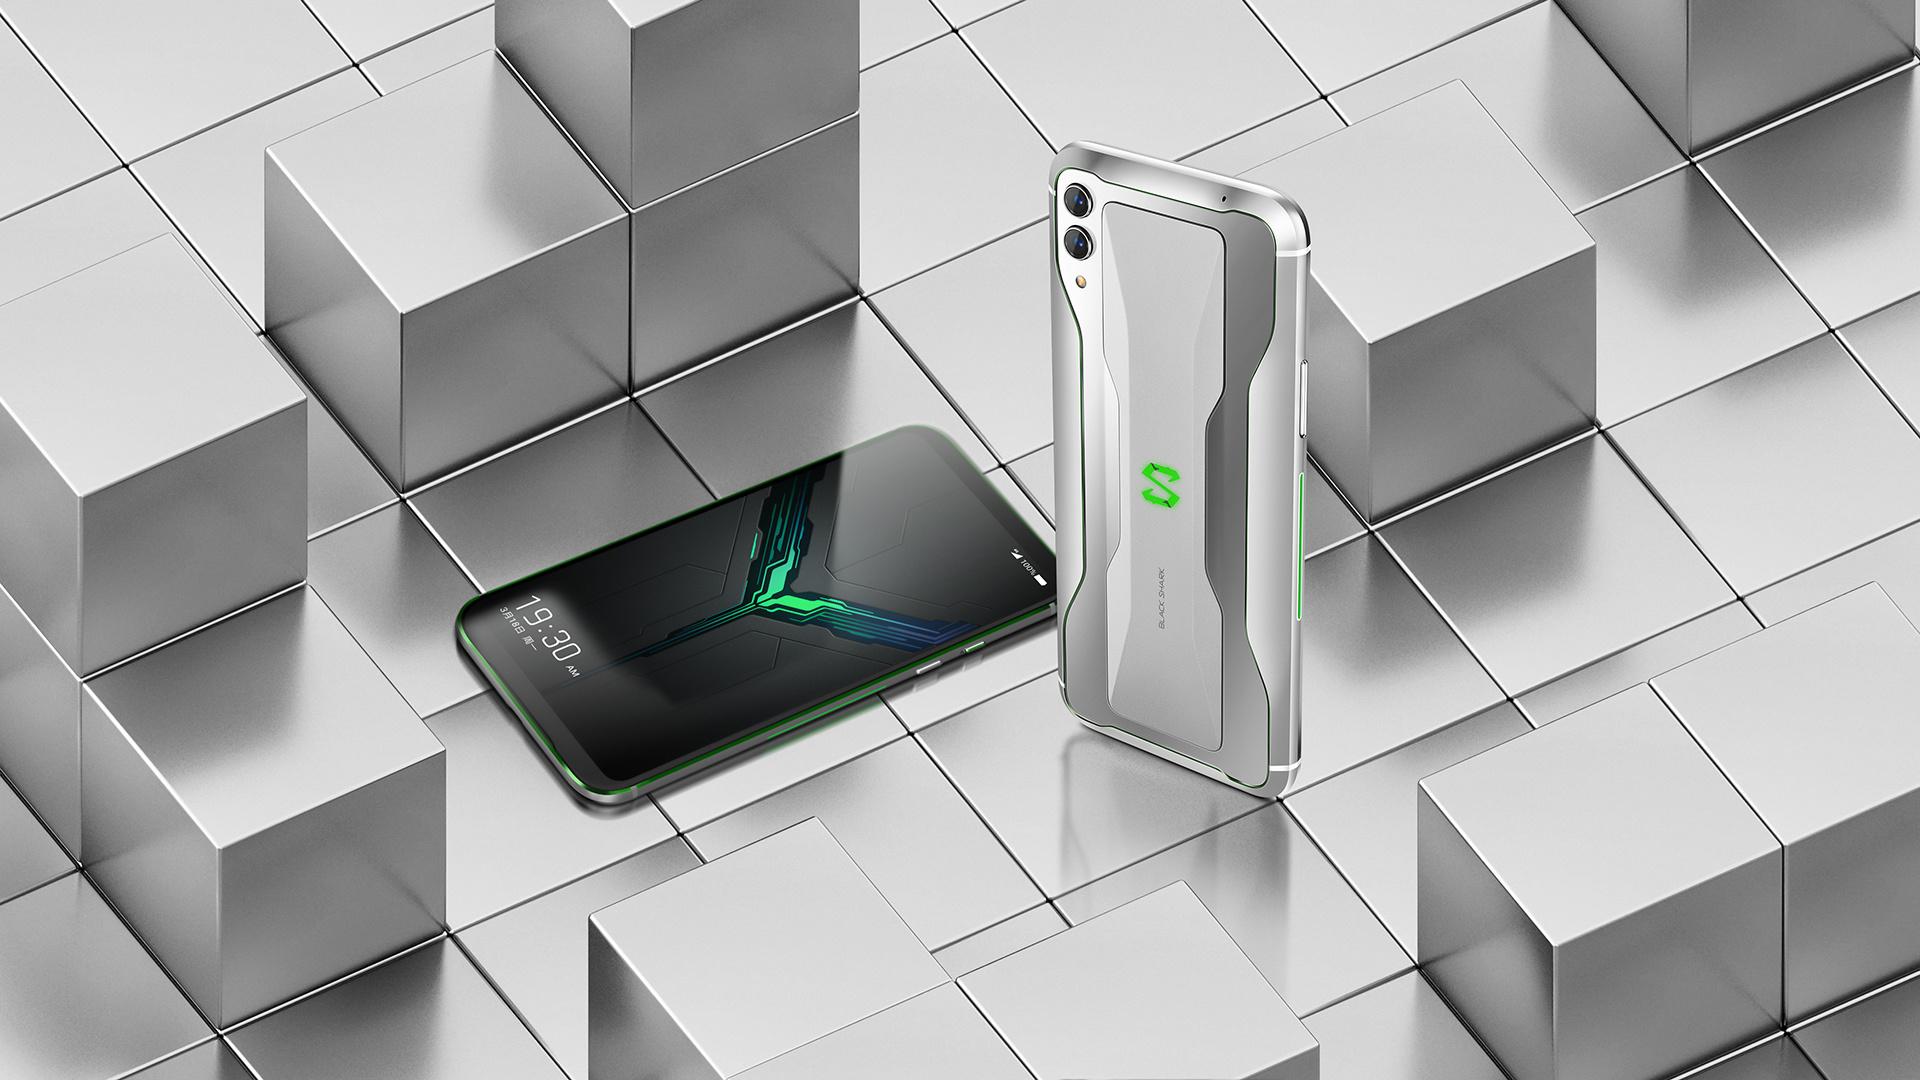 Black Shark 2 phone design render on white background.